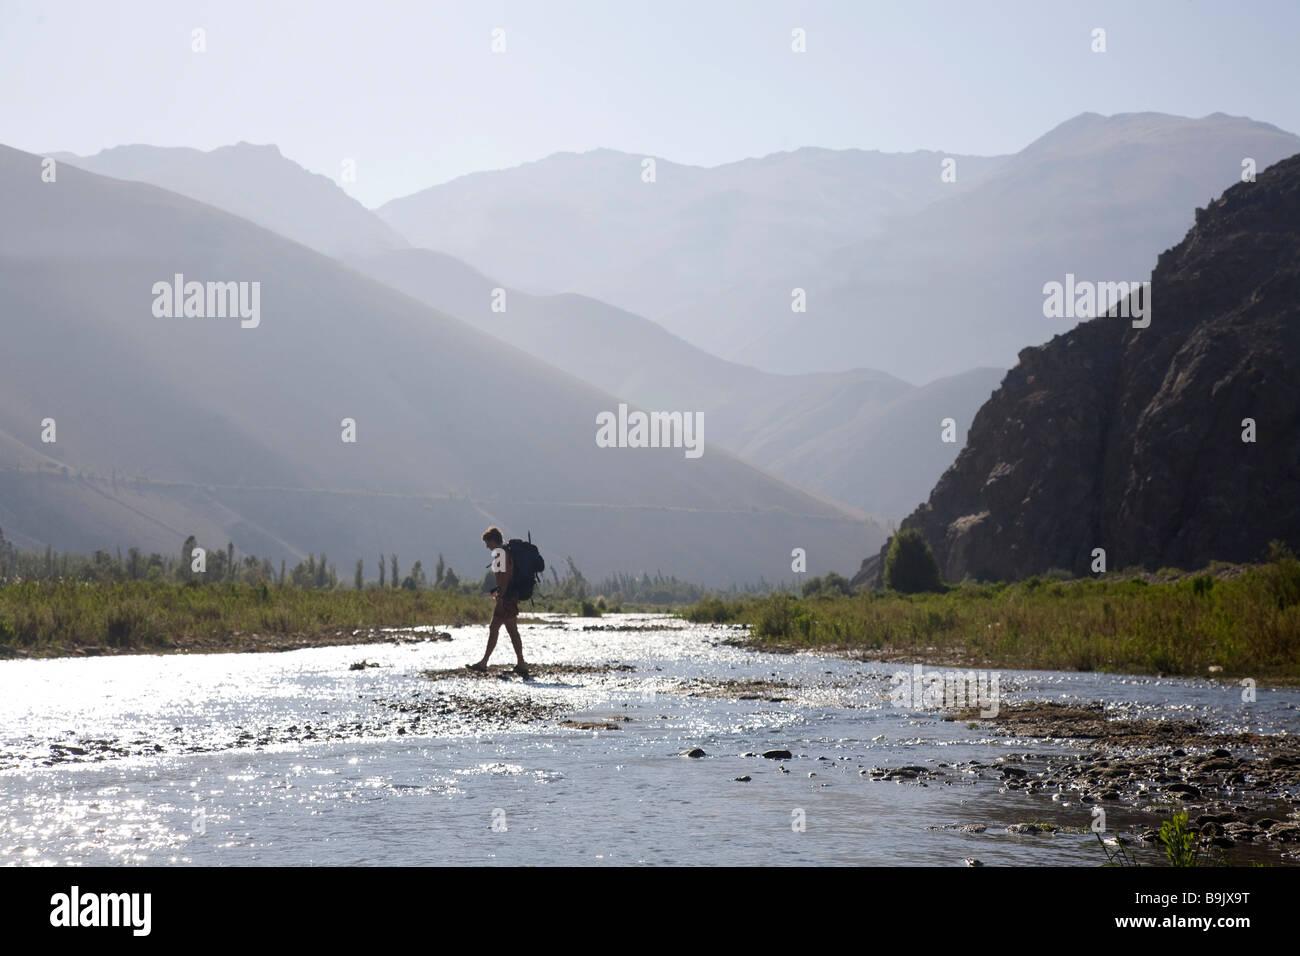 Un giovane uomo, indossando uno zaino, attraversa un fiume poco profondo con grandi montagne sullo sfondo. Immagini Stock